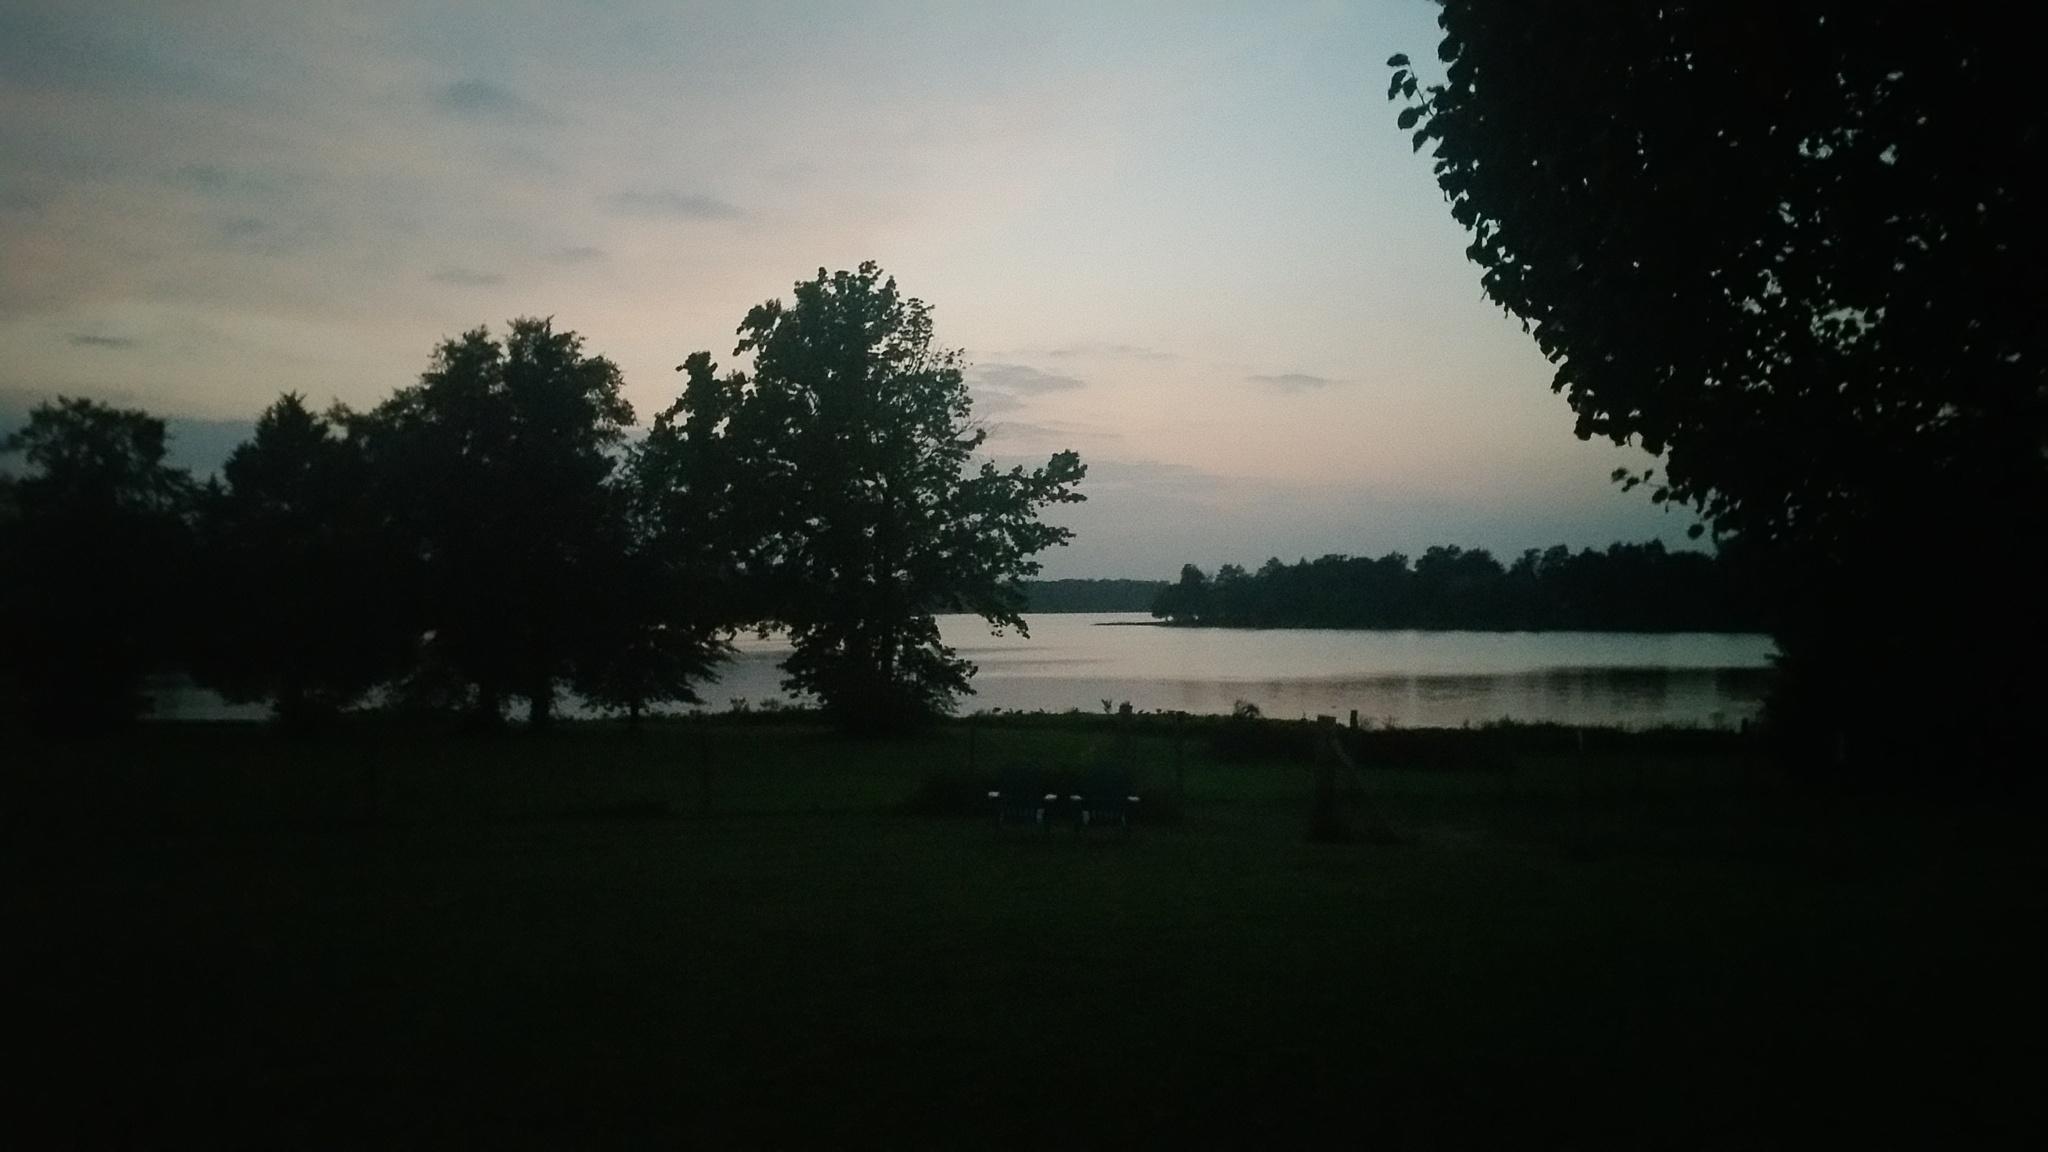 Lake View Sunset by Nicholas C.